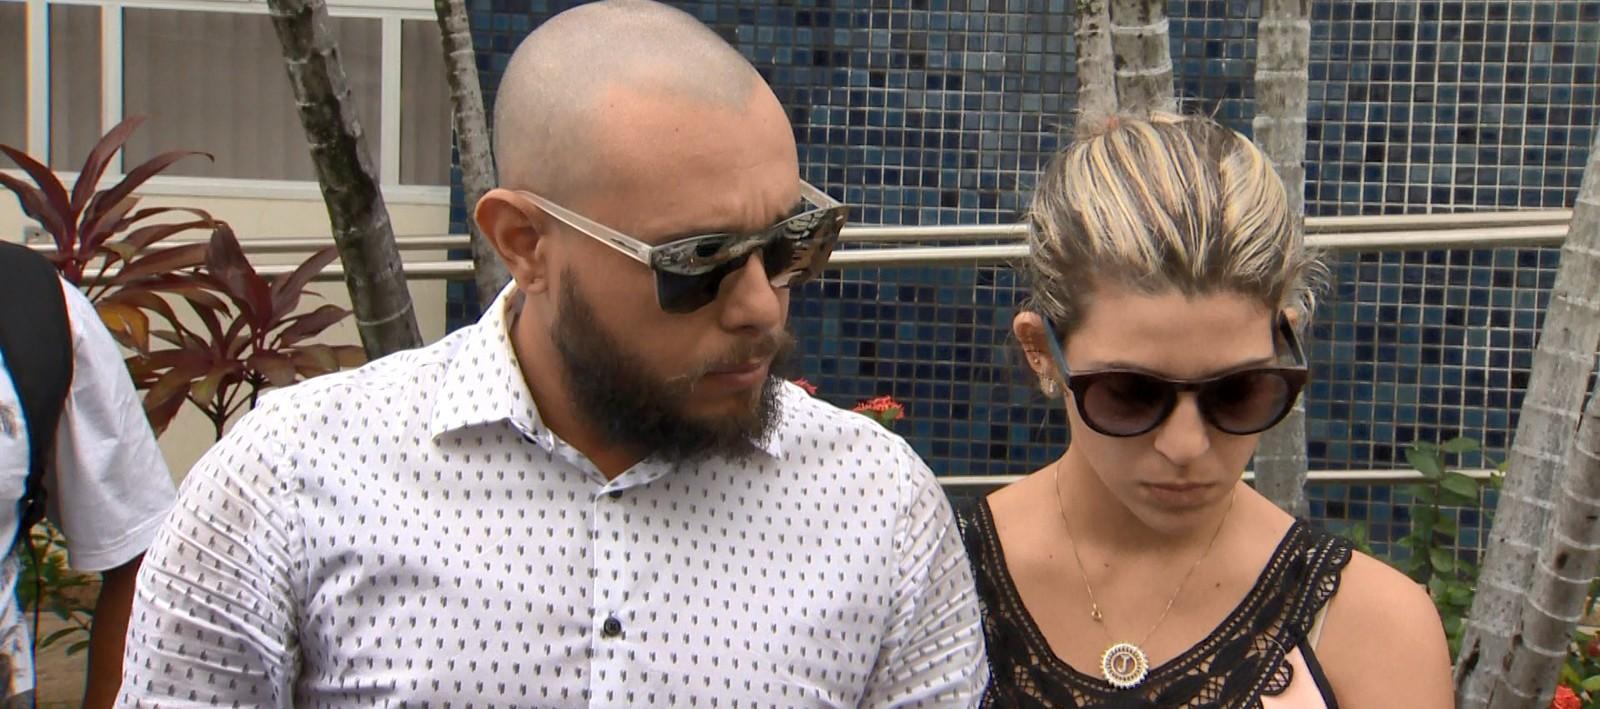 Resultado de imagem para Pastora Juliana Salles é culpada das mortes de Joaquim e Kauã, declara MP.